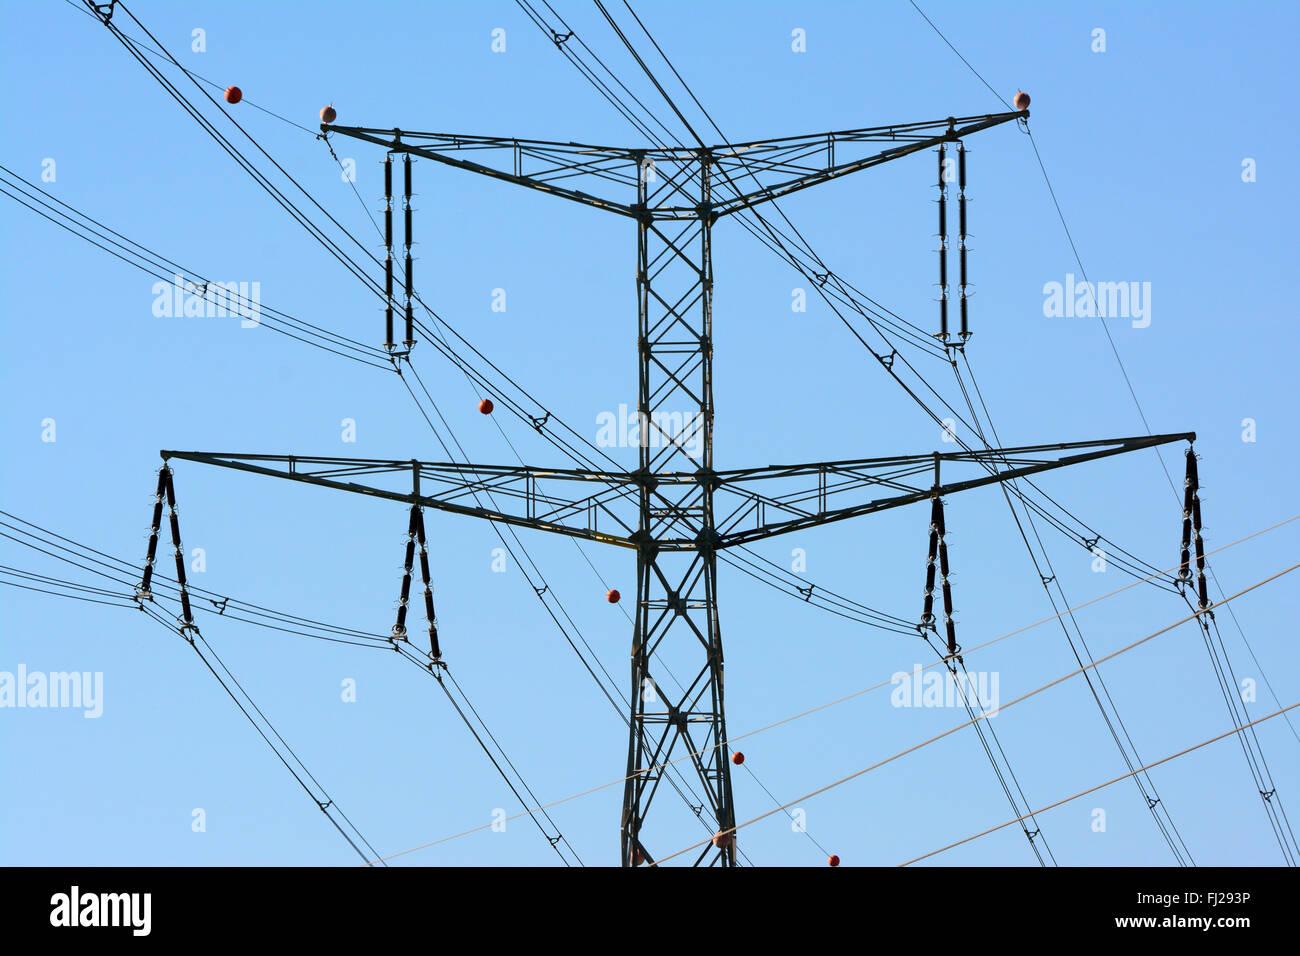 La electricidad de alto voltaje pylon closeup Foto de stock